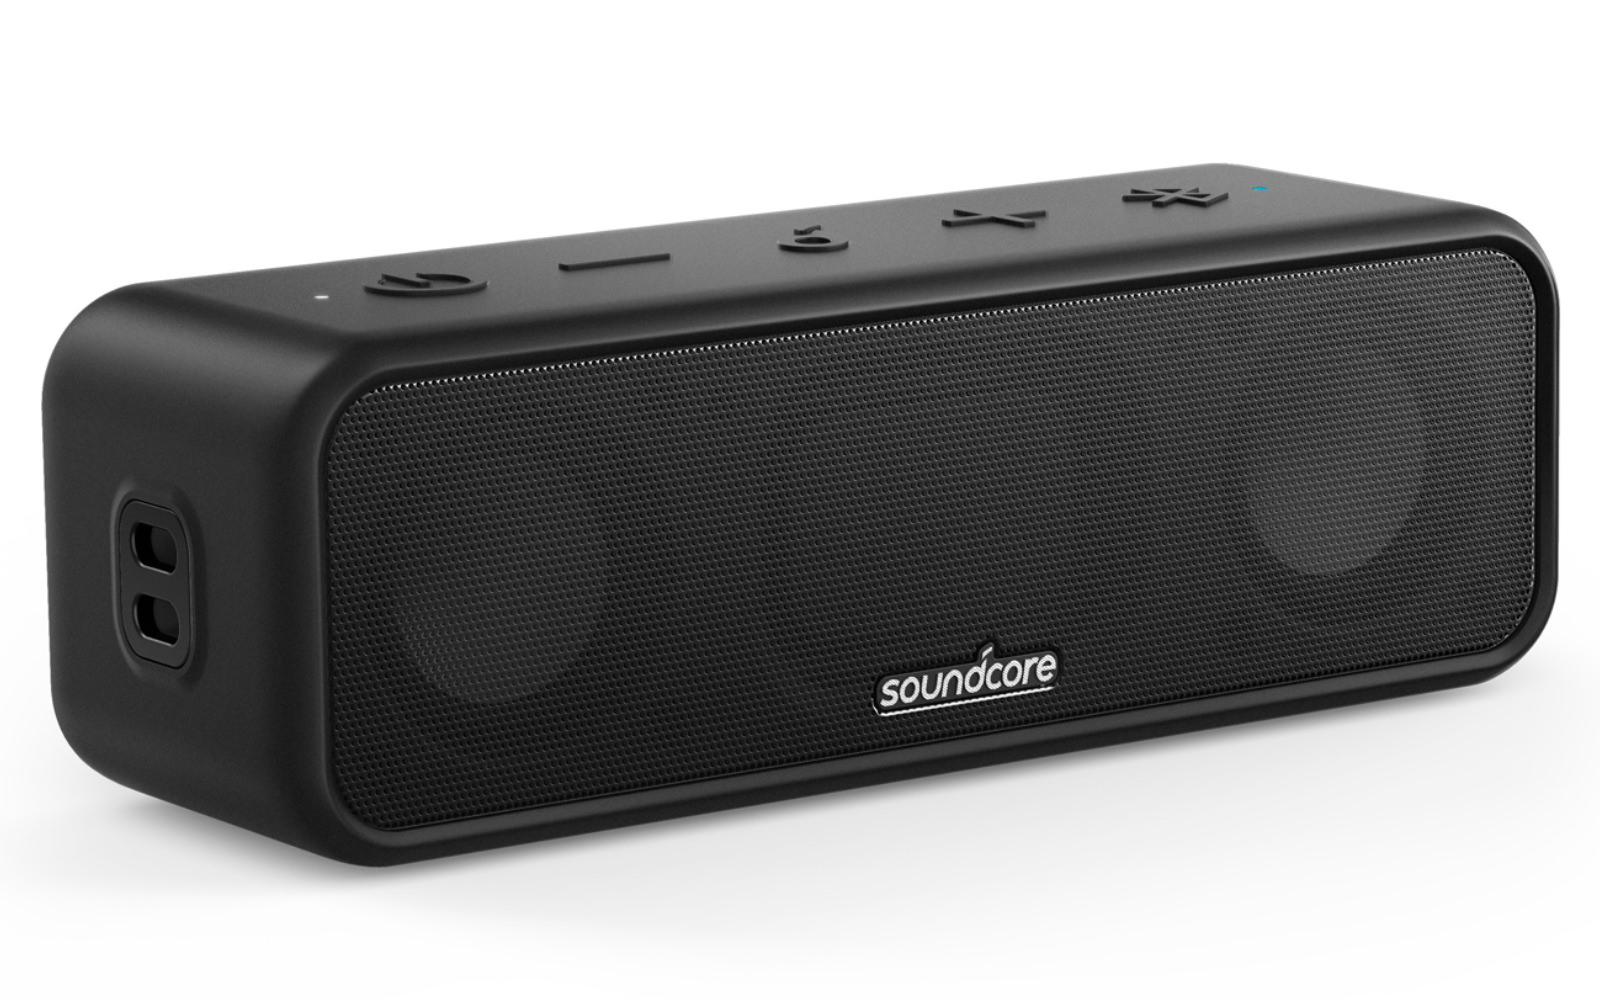 Soundcore 3 speaker